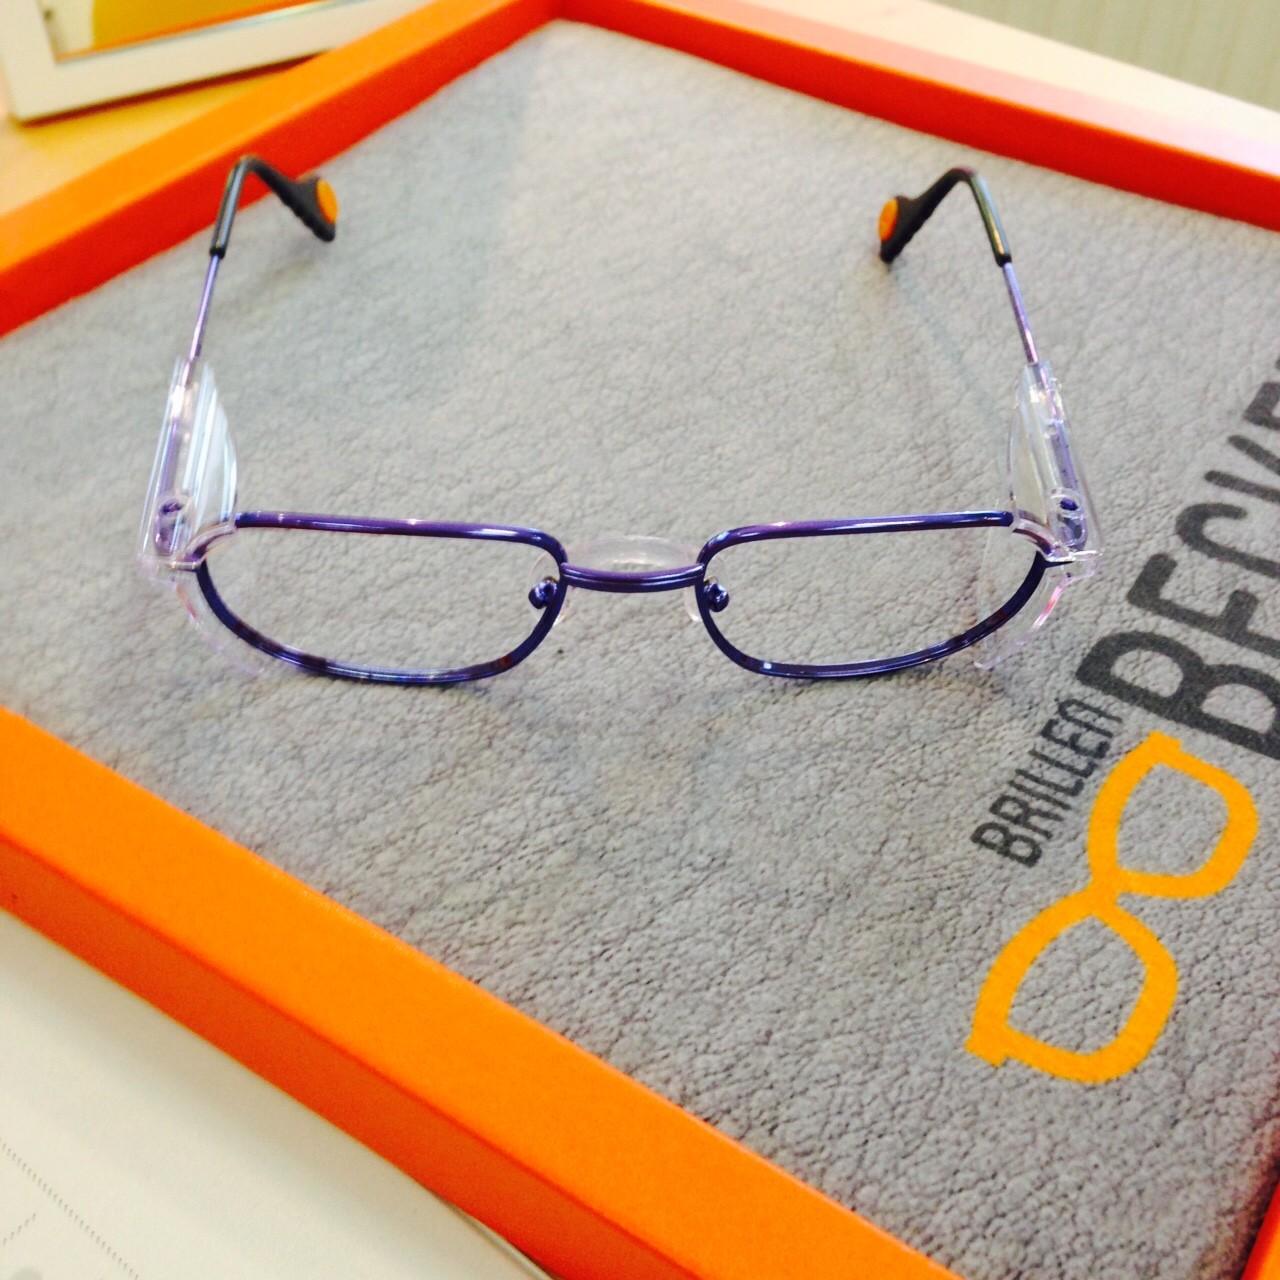 arbeitsschutzbrille in sehst rke korrektionsschutzbrille brillenbeckers webseite. Black Bedroom Furniture Sets. Home Design Ideas